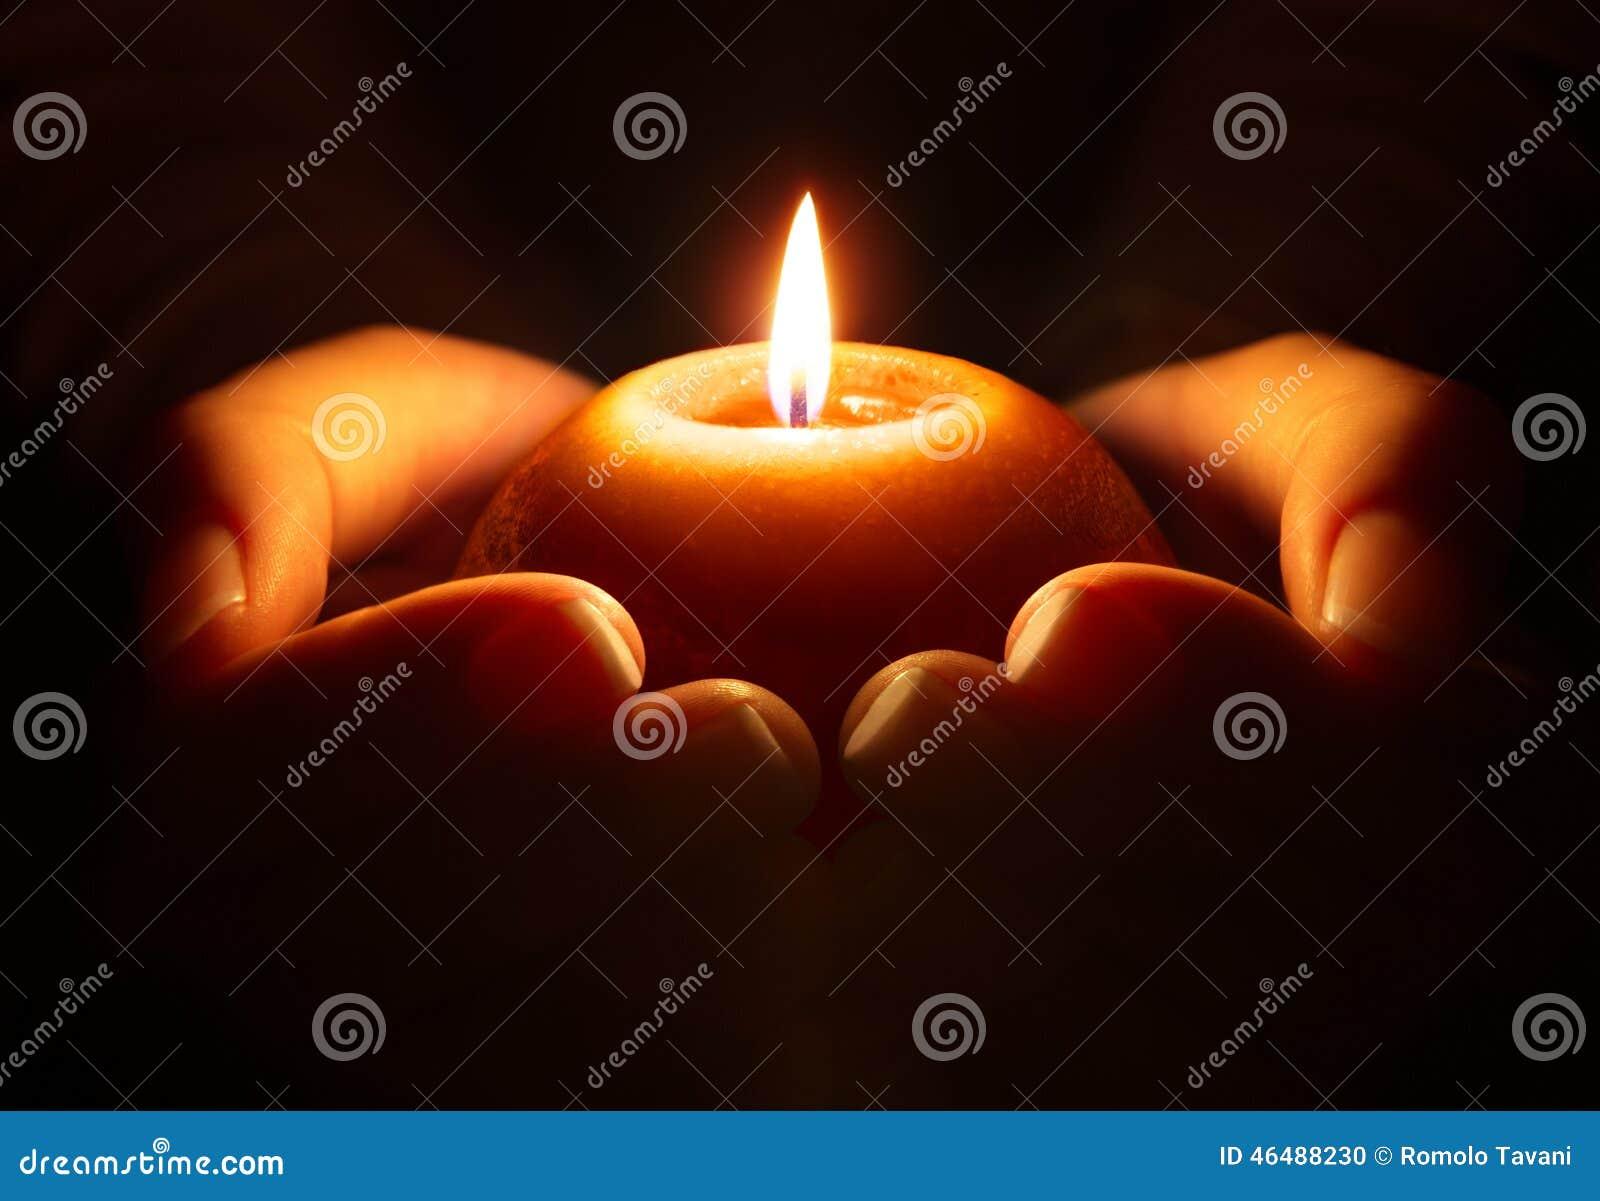 Modlitwa - świeczka w rękach